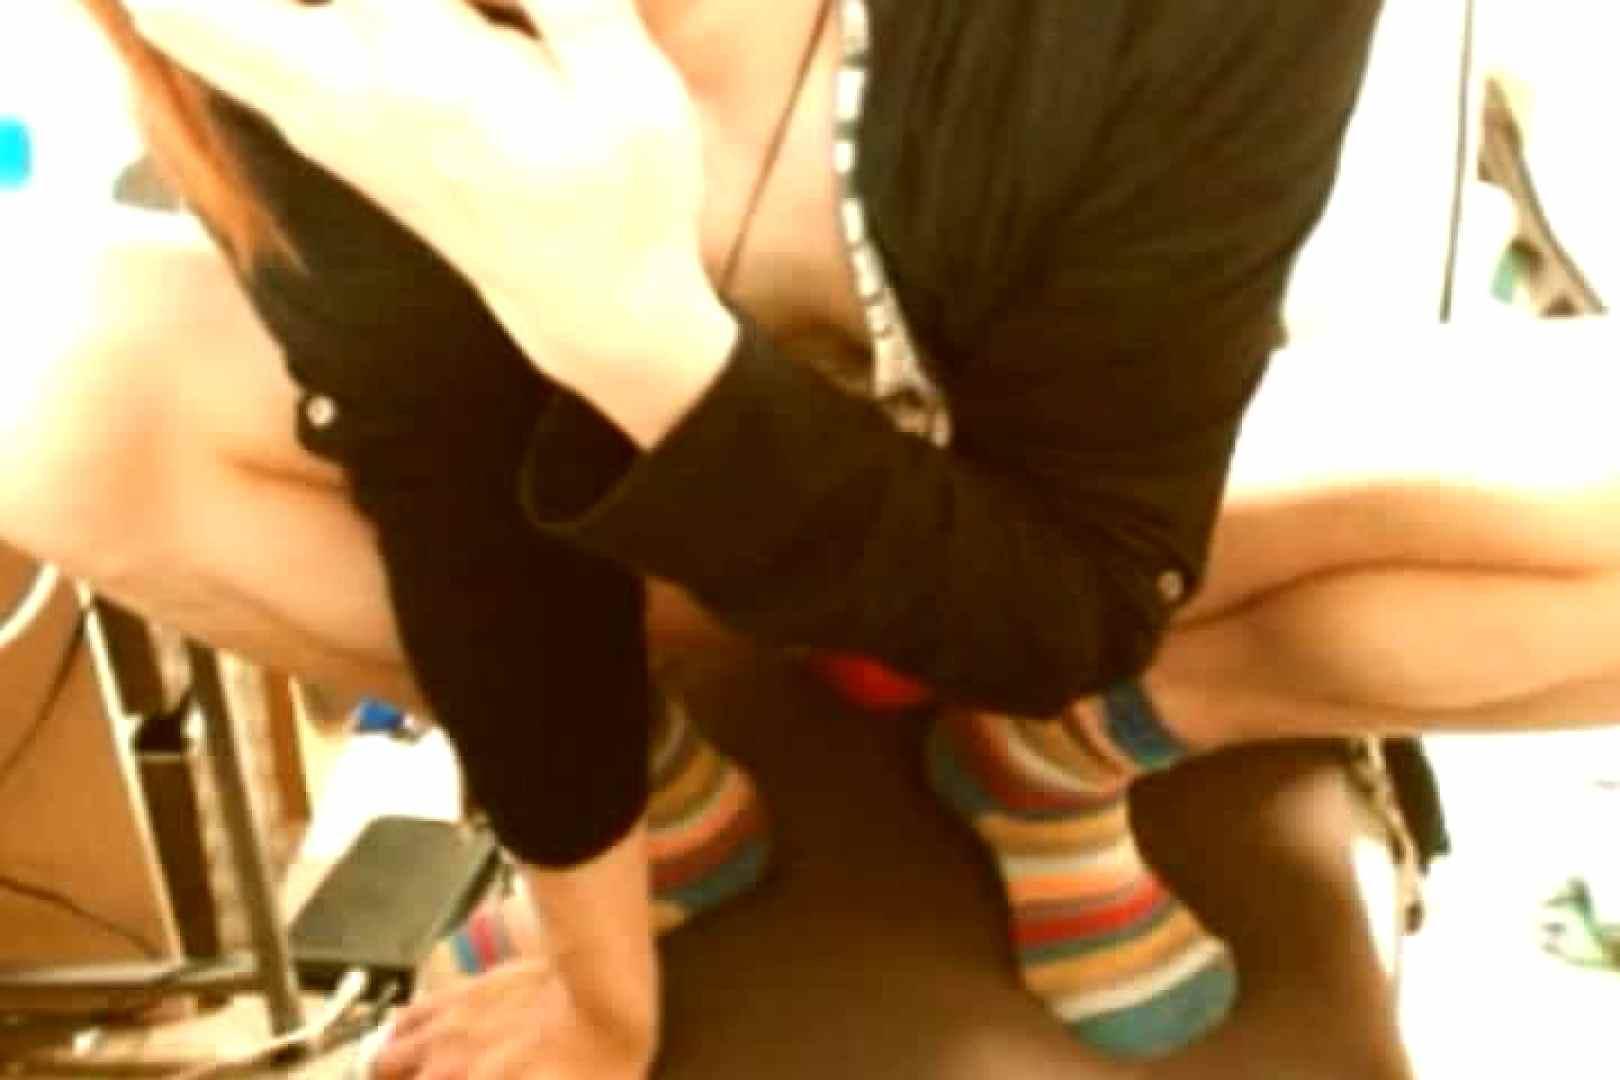 帰ってきたモッコリビッグダディ―!vol.01 オナニー | イケメンズ アダルトビデオ画像キャプチャ 101枚 30